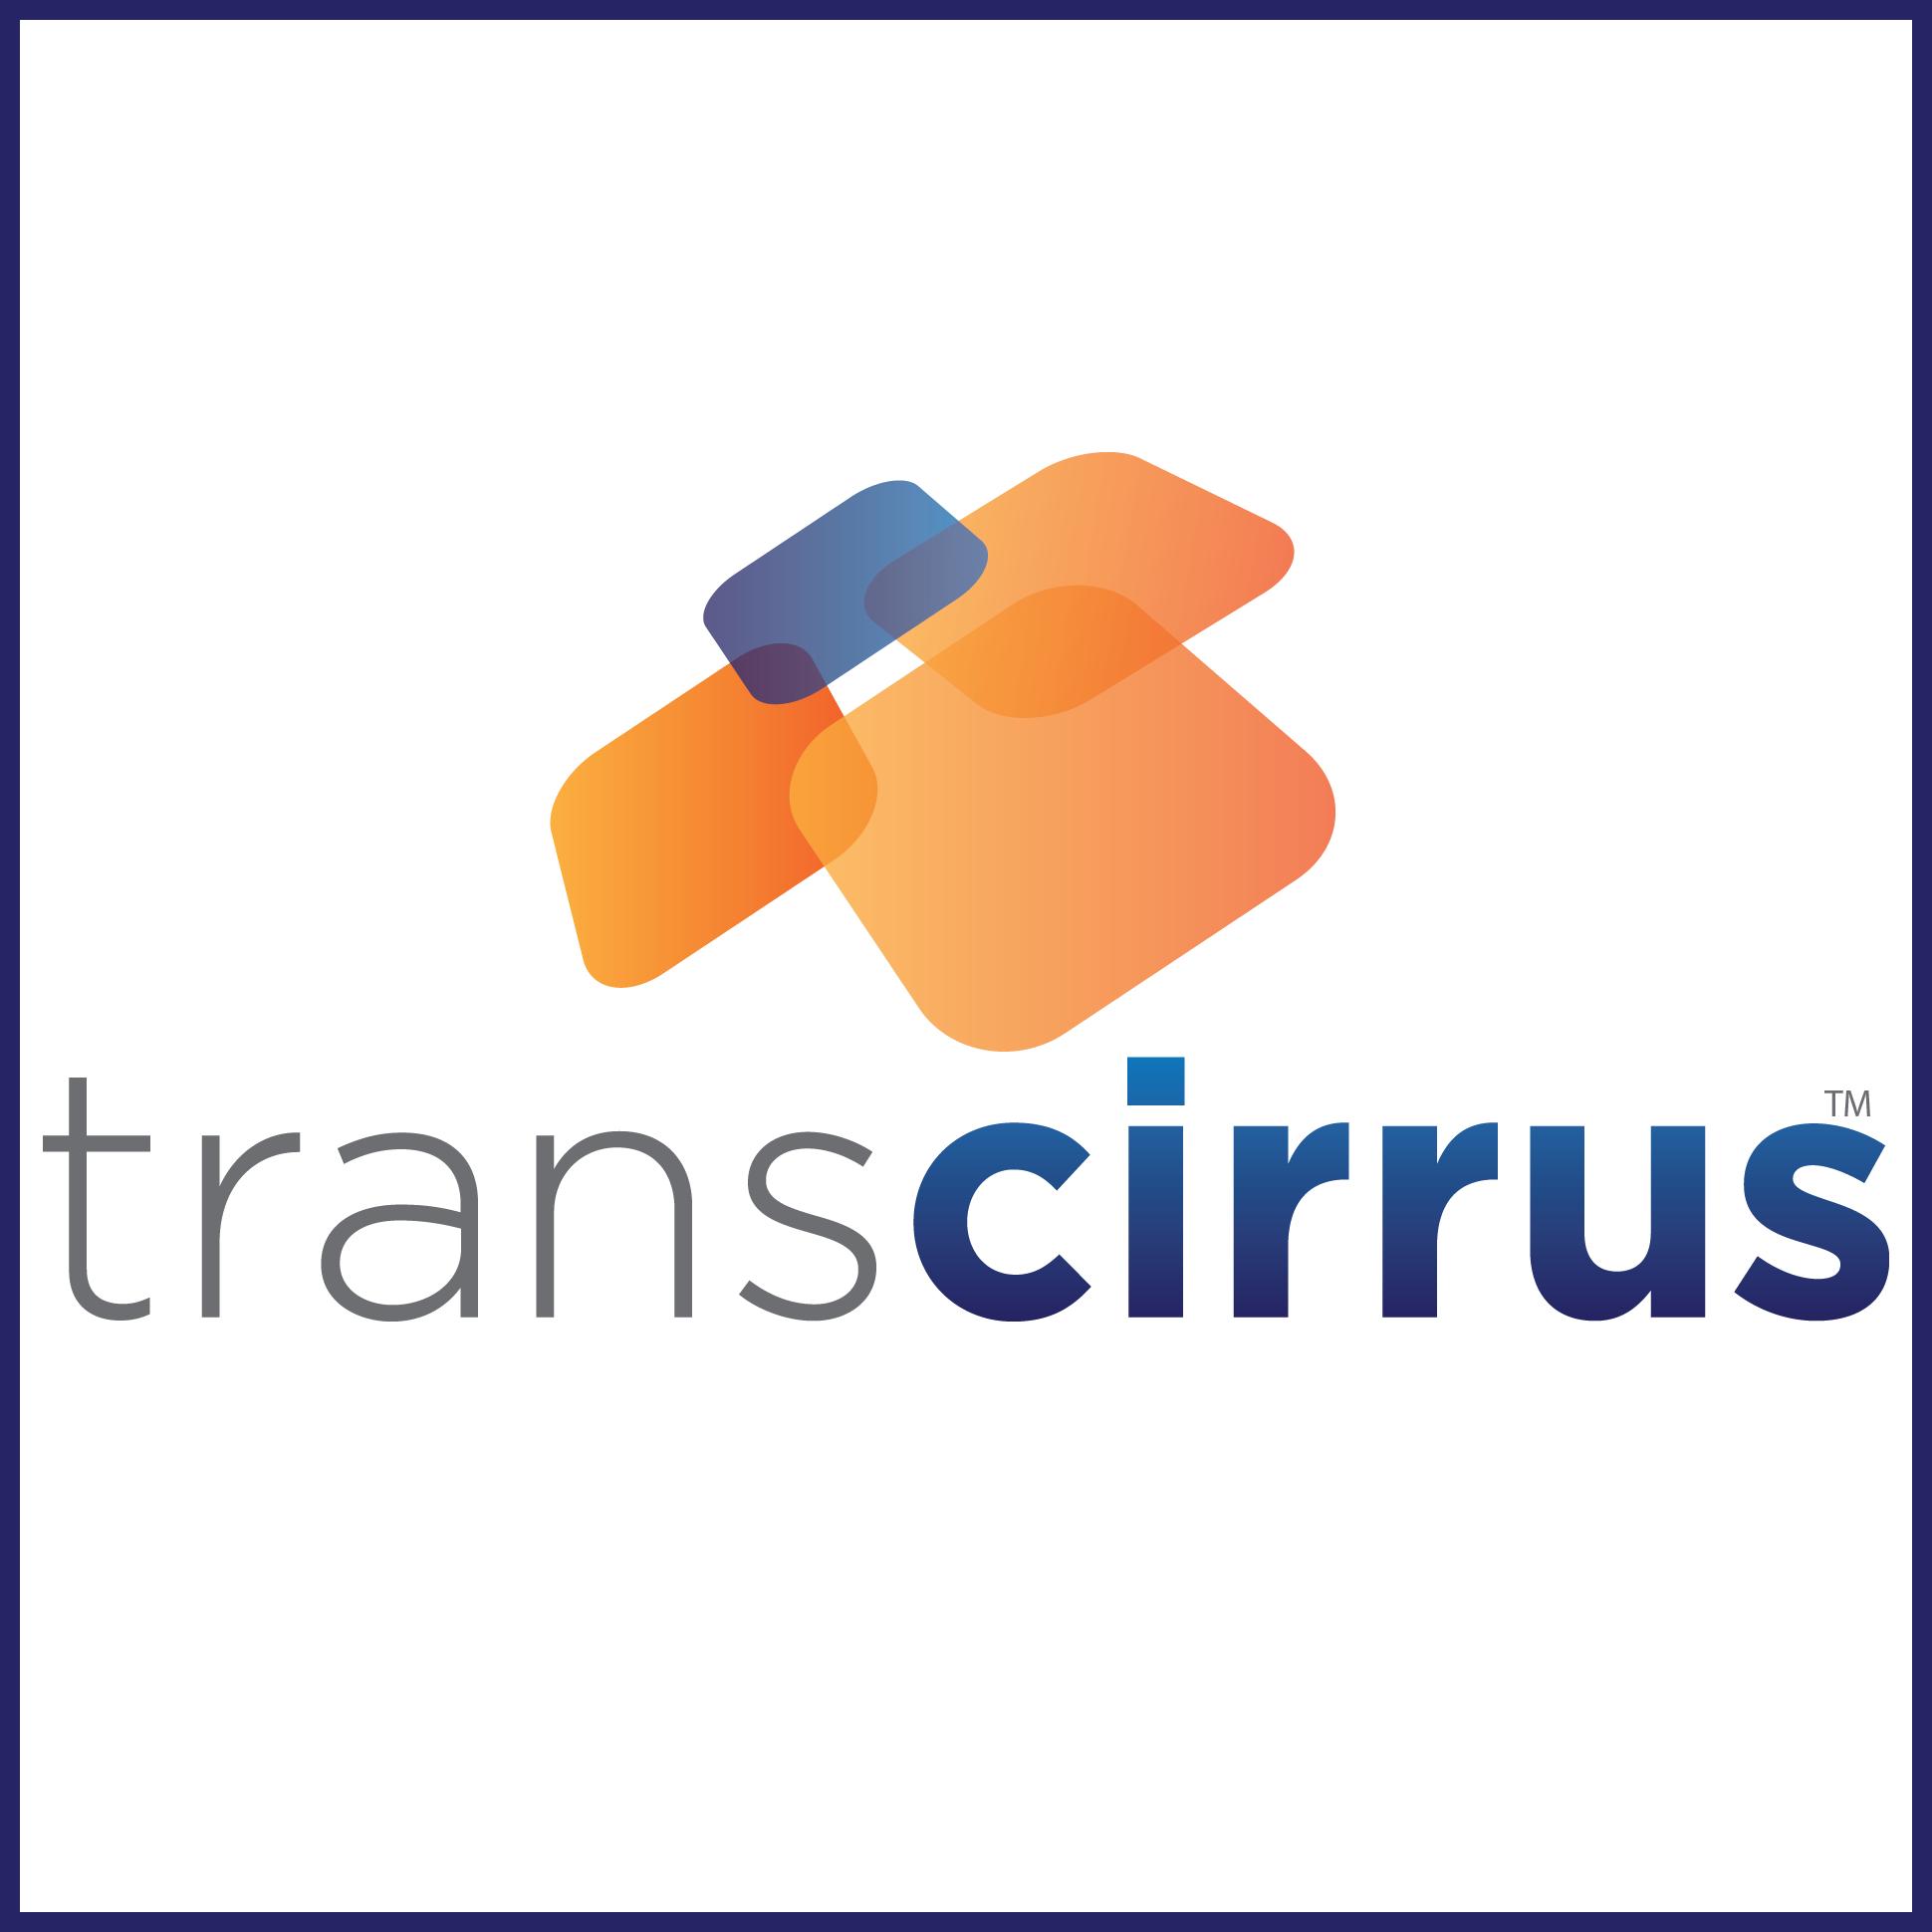 TransCirrus